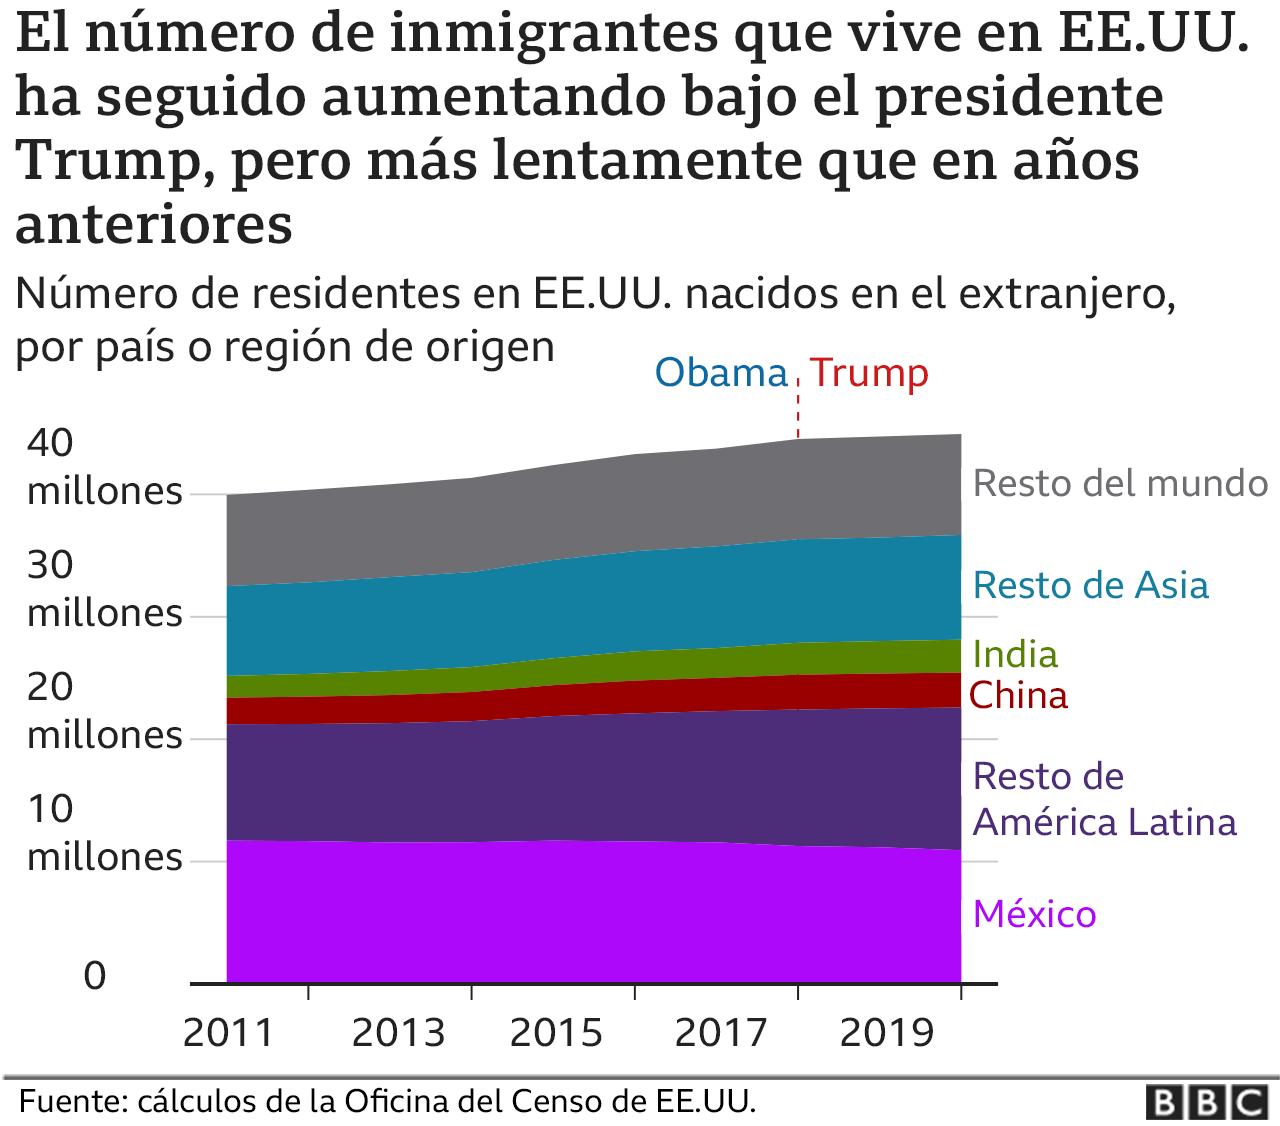 Gráfico número de inmigrantes